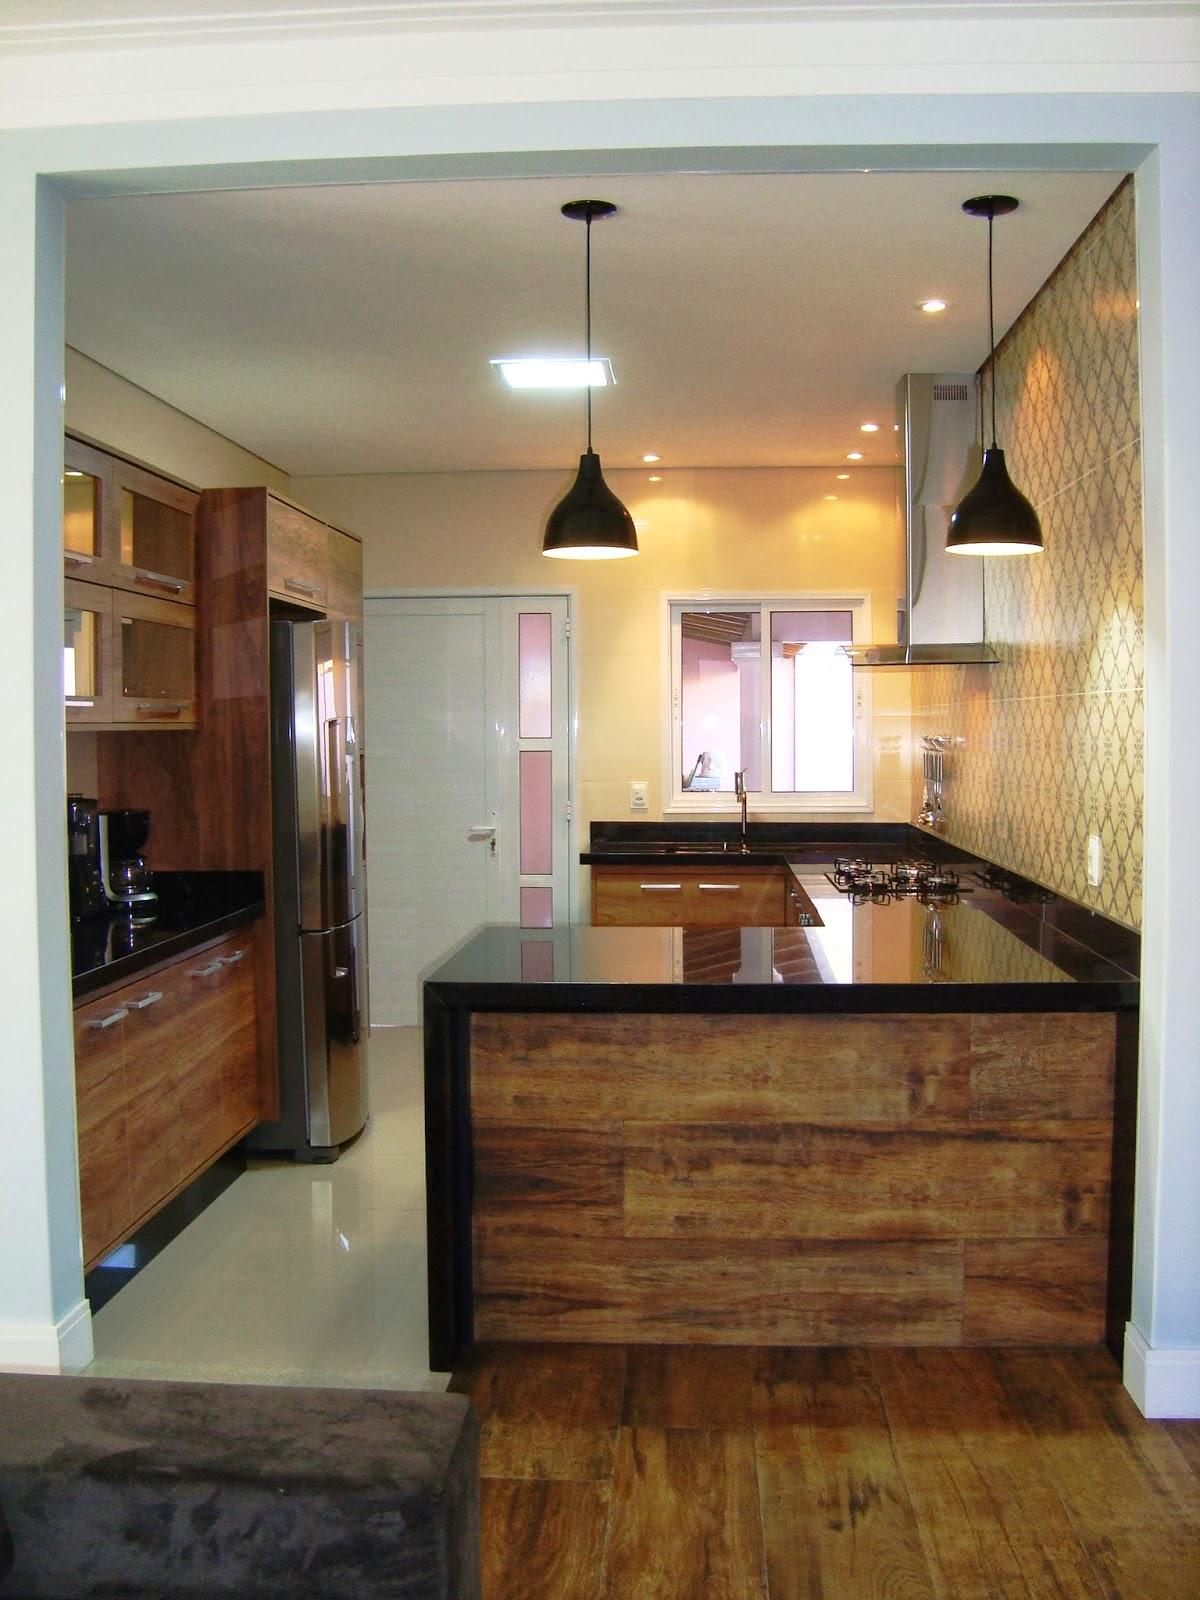 Cozinha Americana Casa Casa U Cozinha Americana With Cozinha